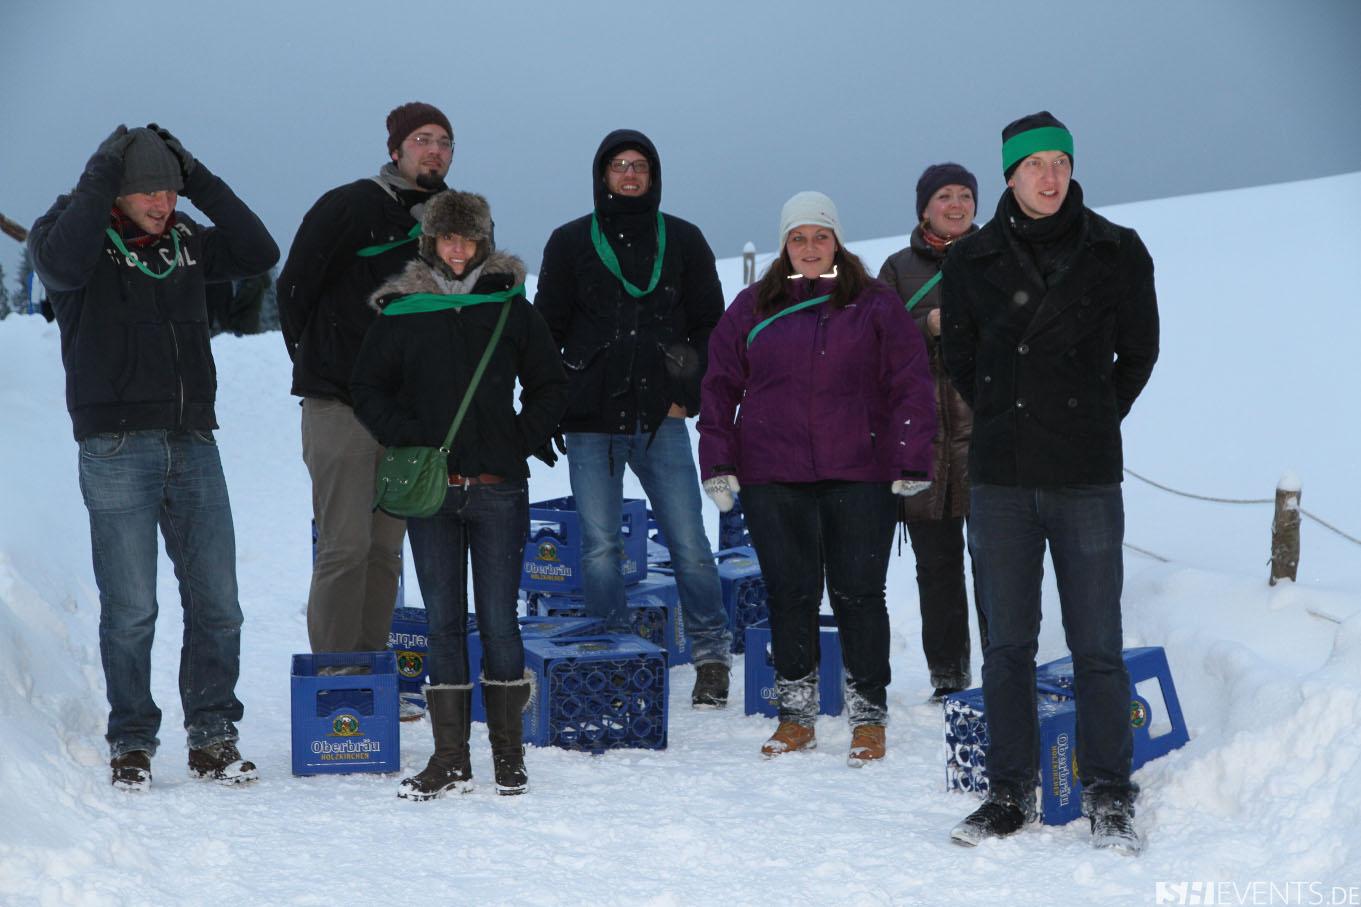 Gäste im Schnee beim Biertraglstapeln